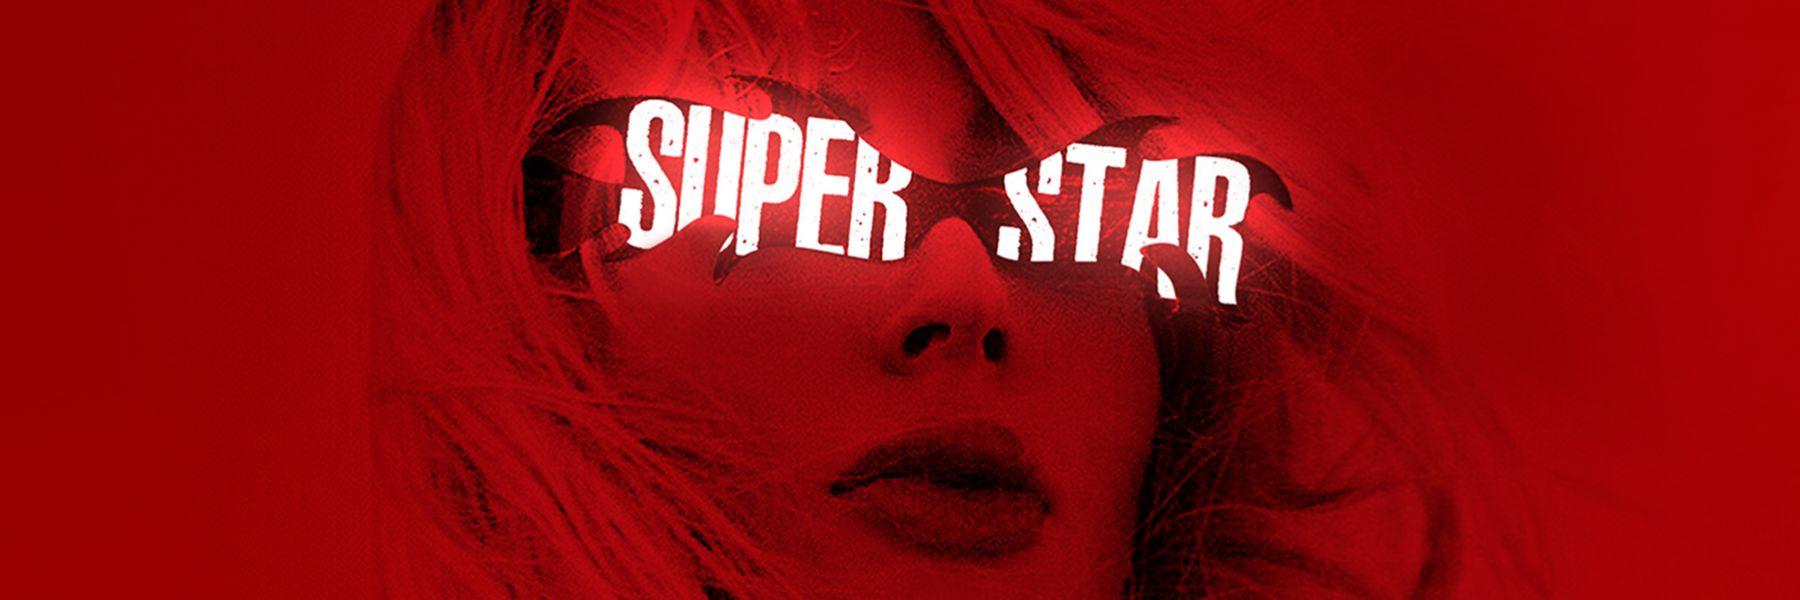 SUPERSTARSHOW by LOBODA am 26.1.19 in der Samsung Hall